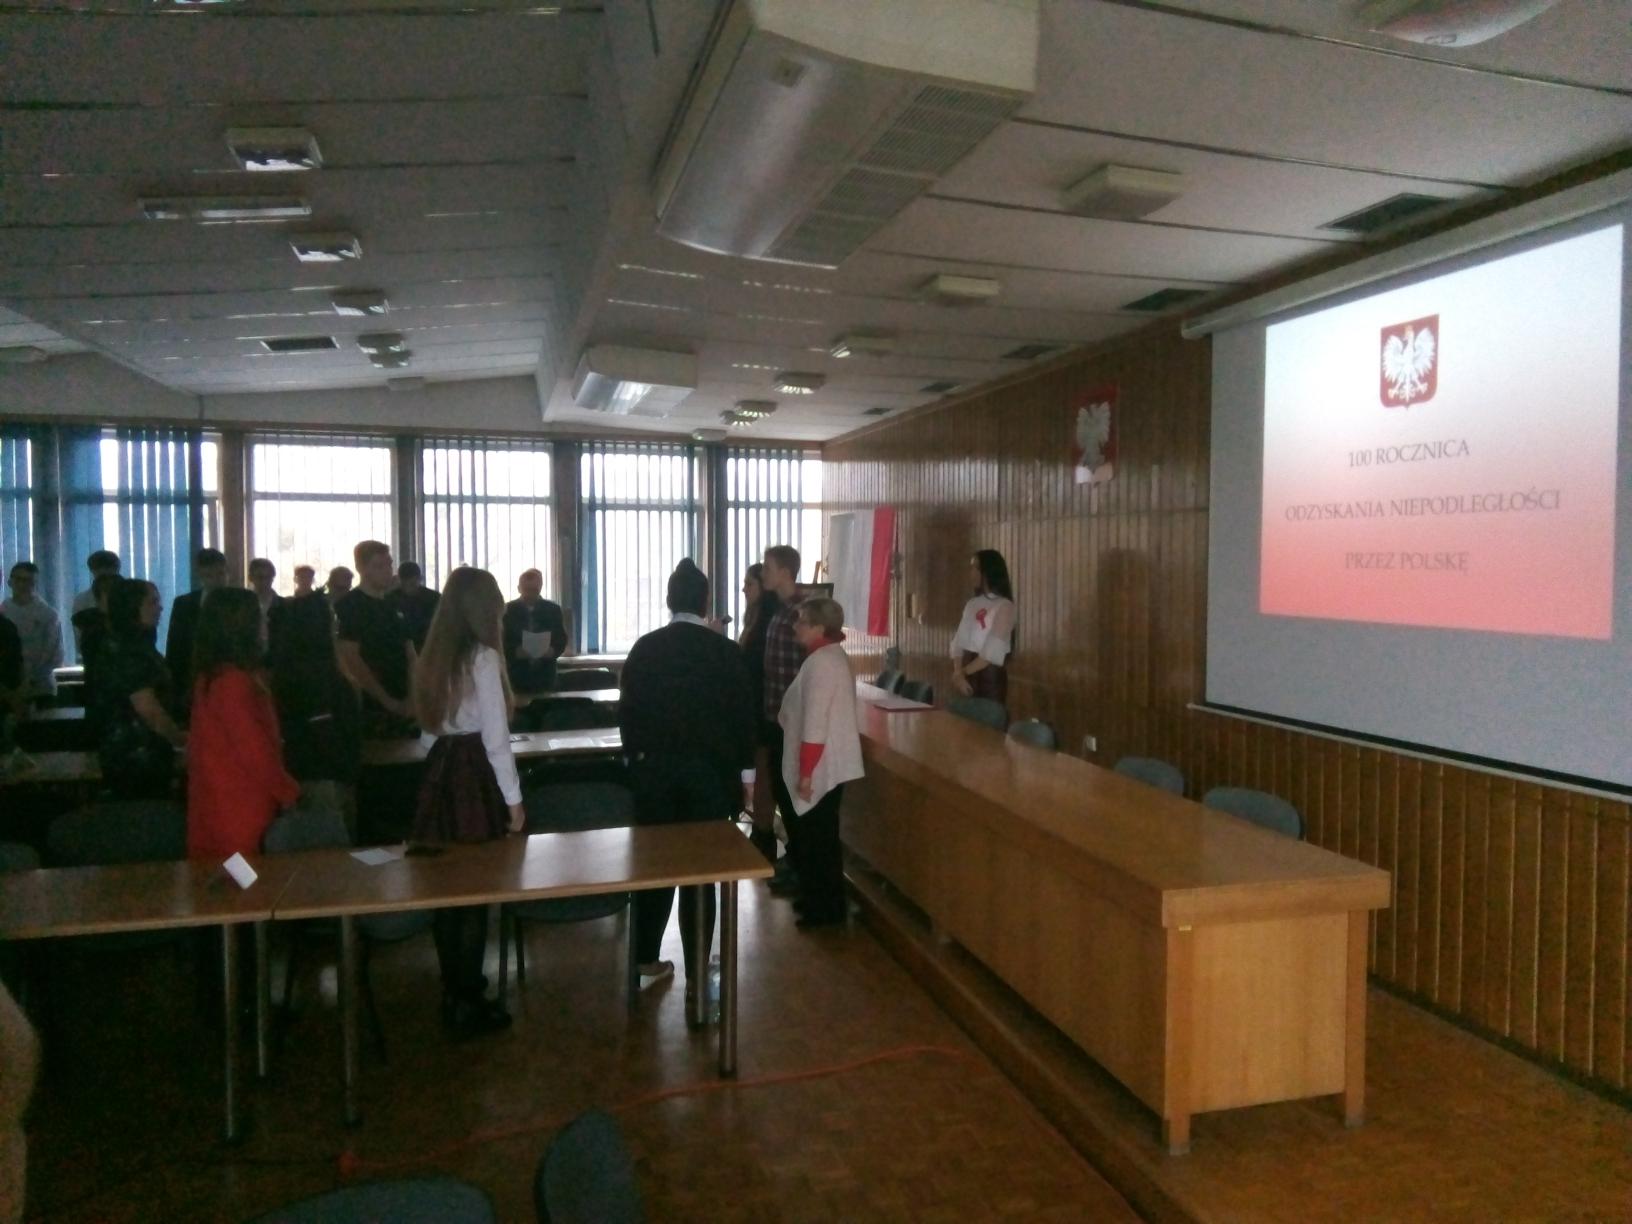 Niepodległa I Prywatne Liceum Ogólnokształcące W Bydgoszczy